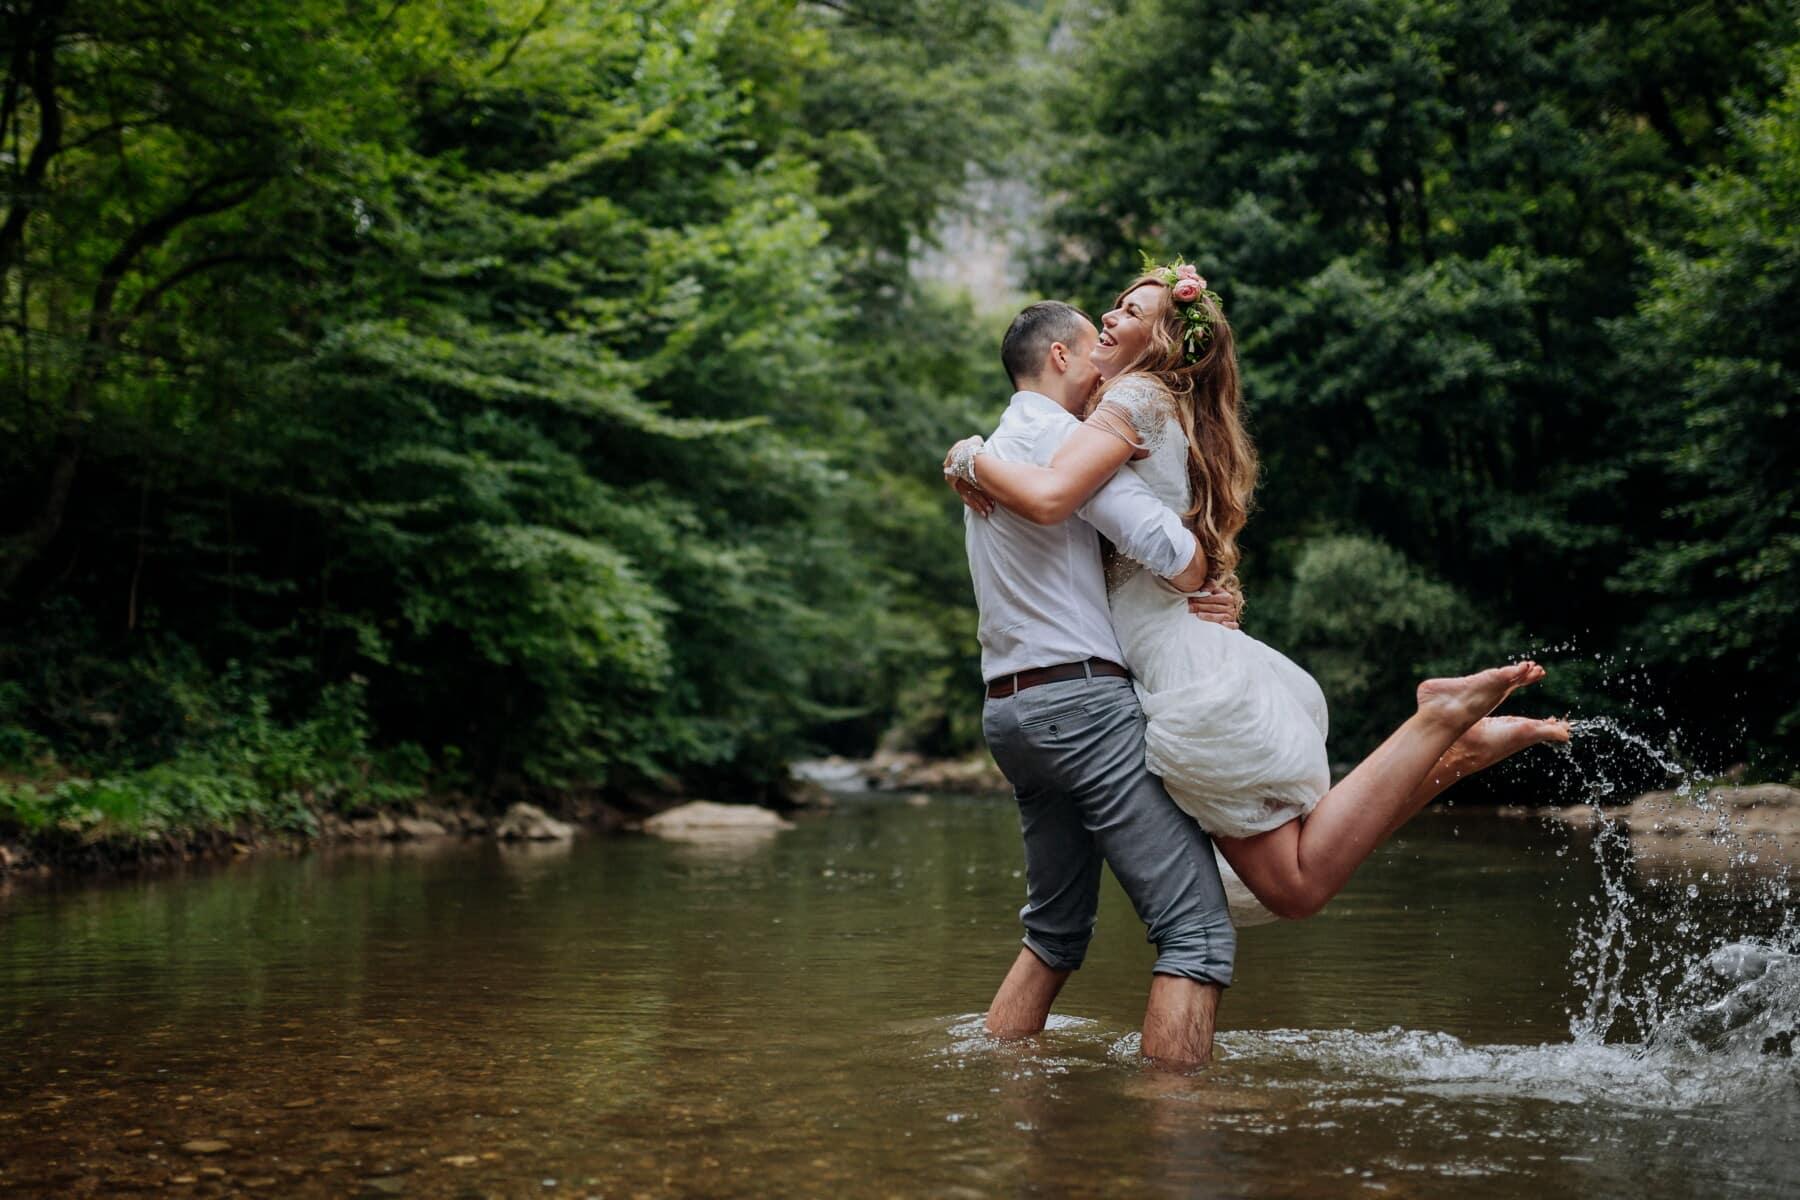 mooi meisje, jonge vrouw, plezier, genot, glimlachend, Houd, kreek, knuffelen, vriendje, liefde